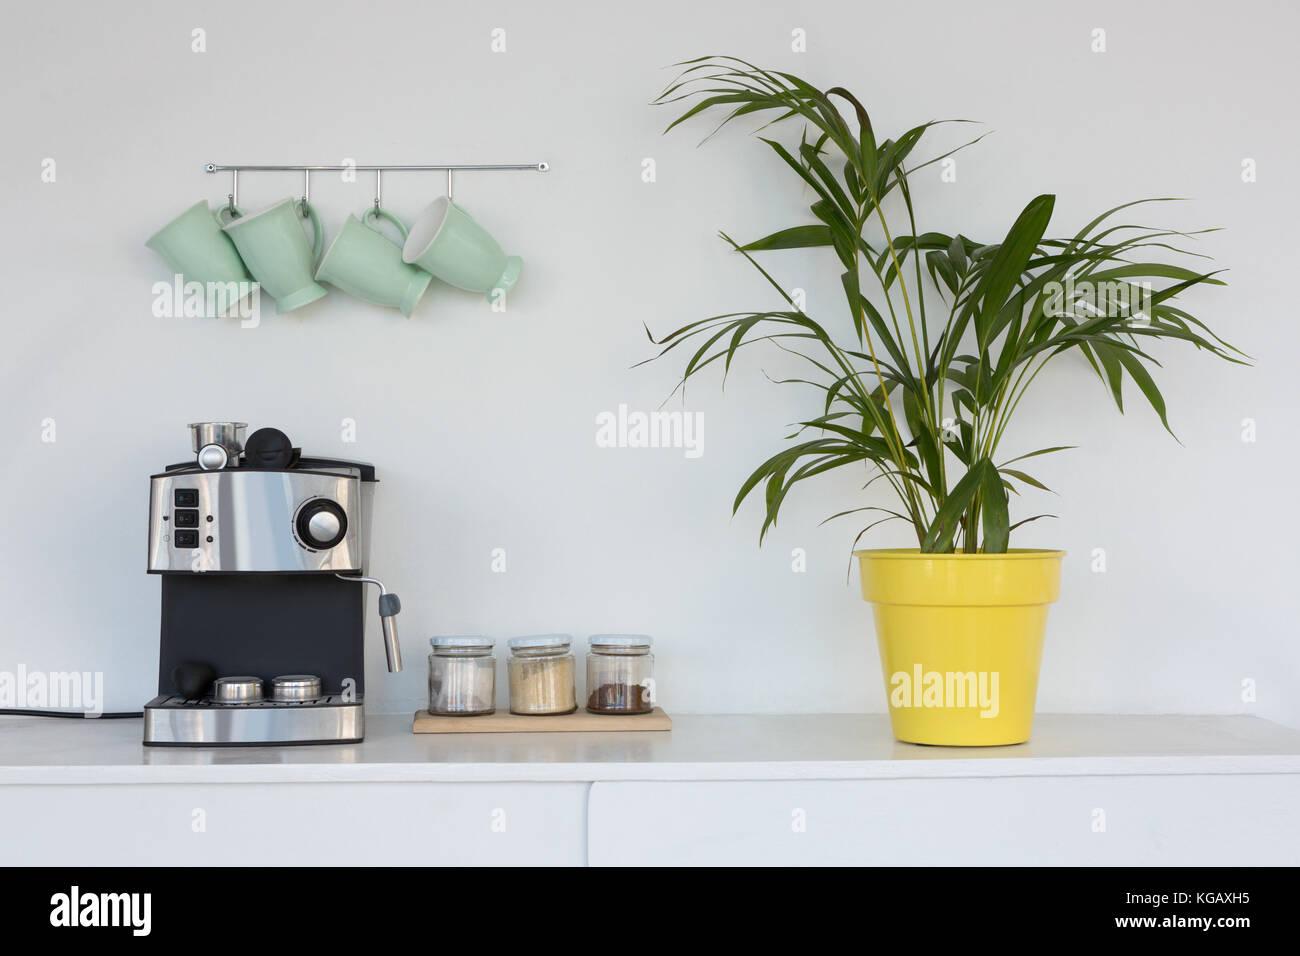 Kaffeemaschine Topfpflanze Und Tassen Auf Haken Gegen Die Wand